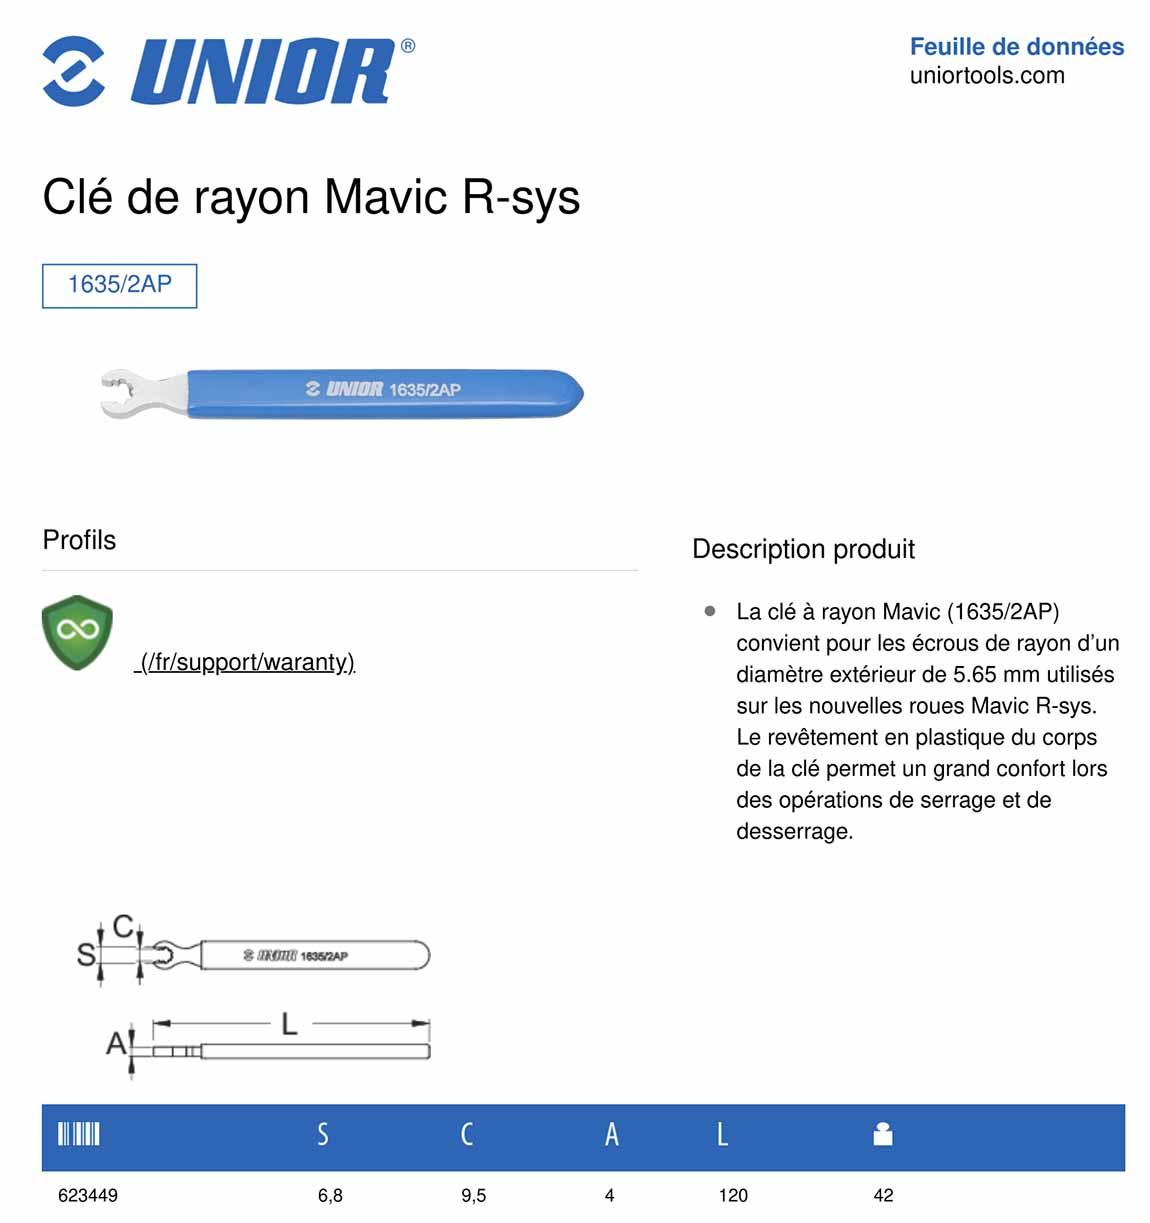 caractéristiques clé à rayon maris r-sys Unior 1635/2ap